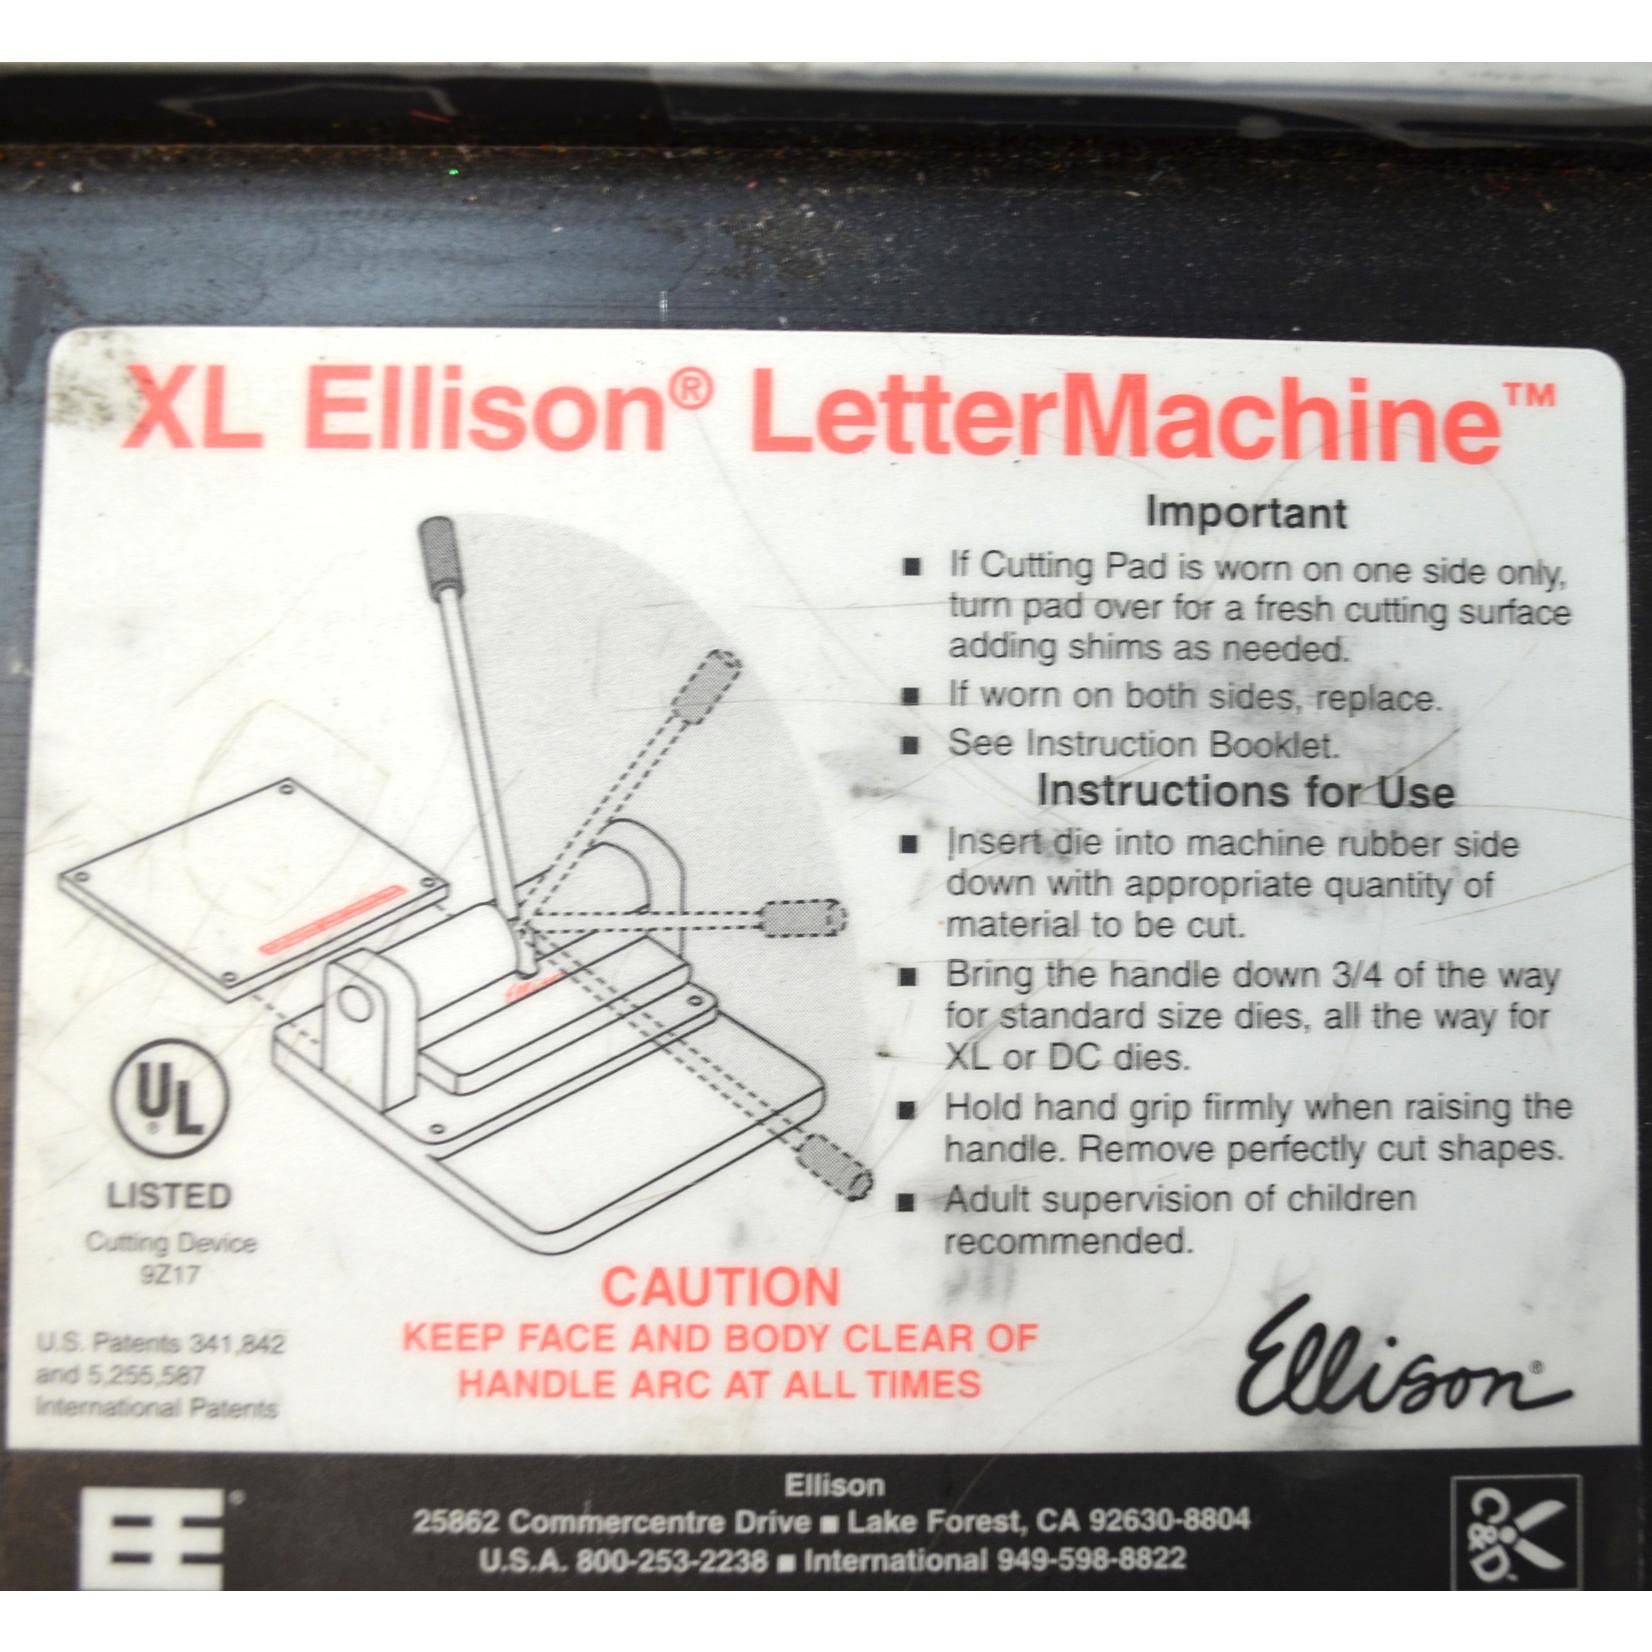 XL Ellison LetterMachine